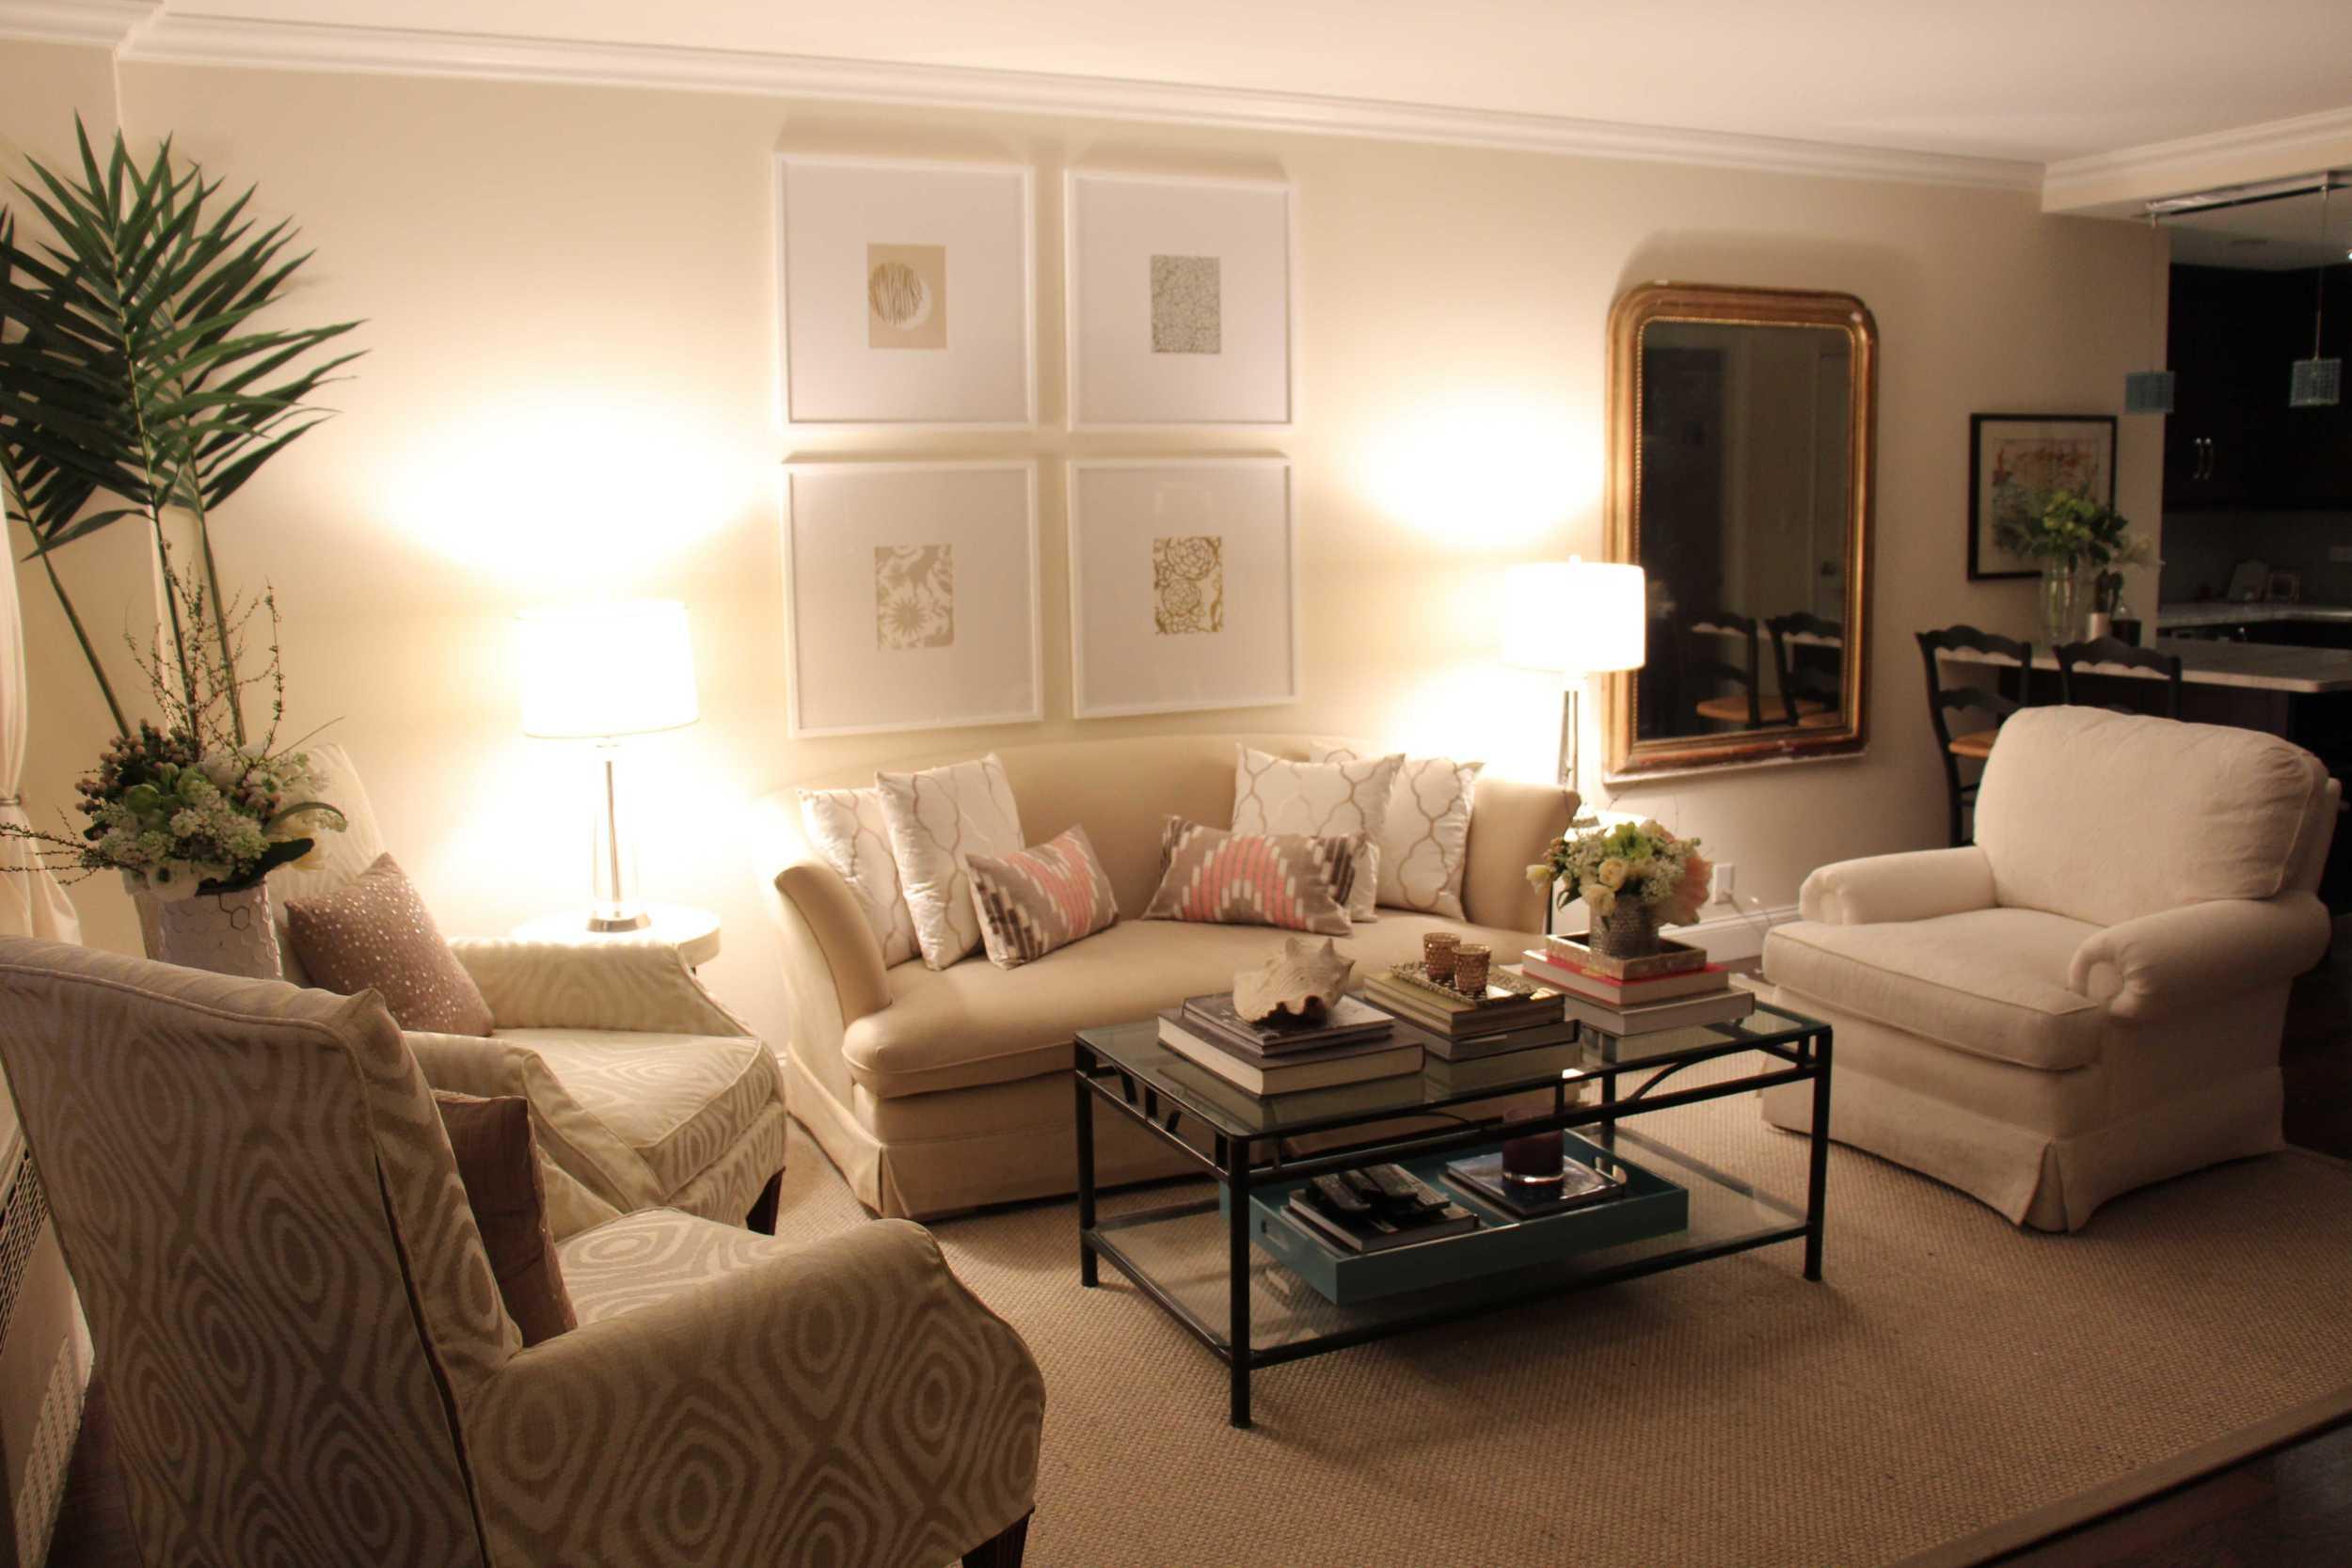 8 after living room final.jpg